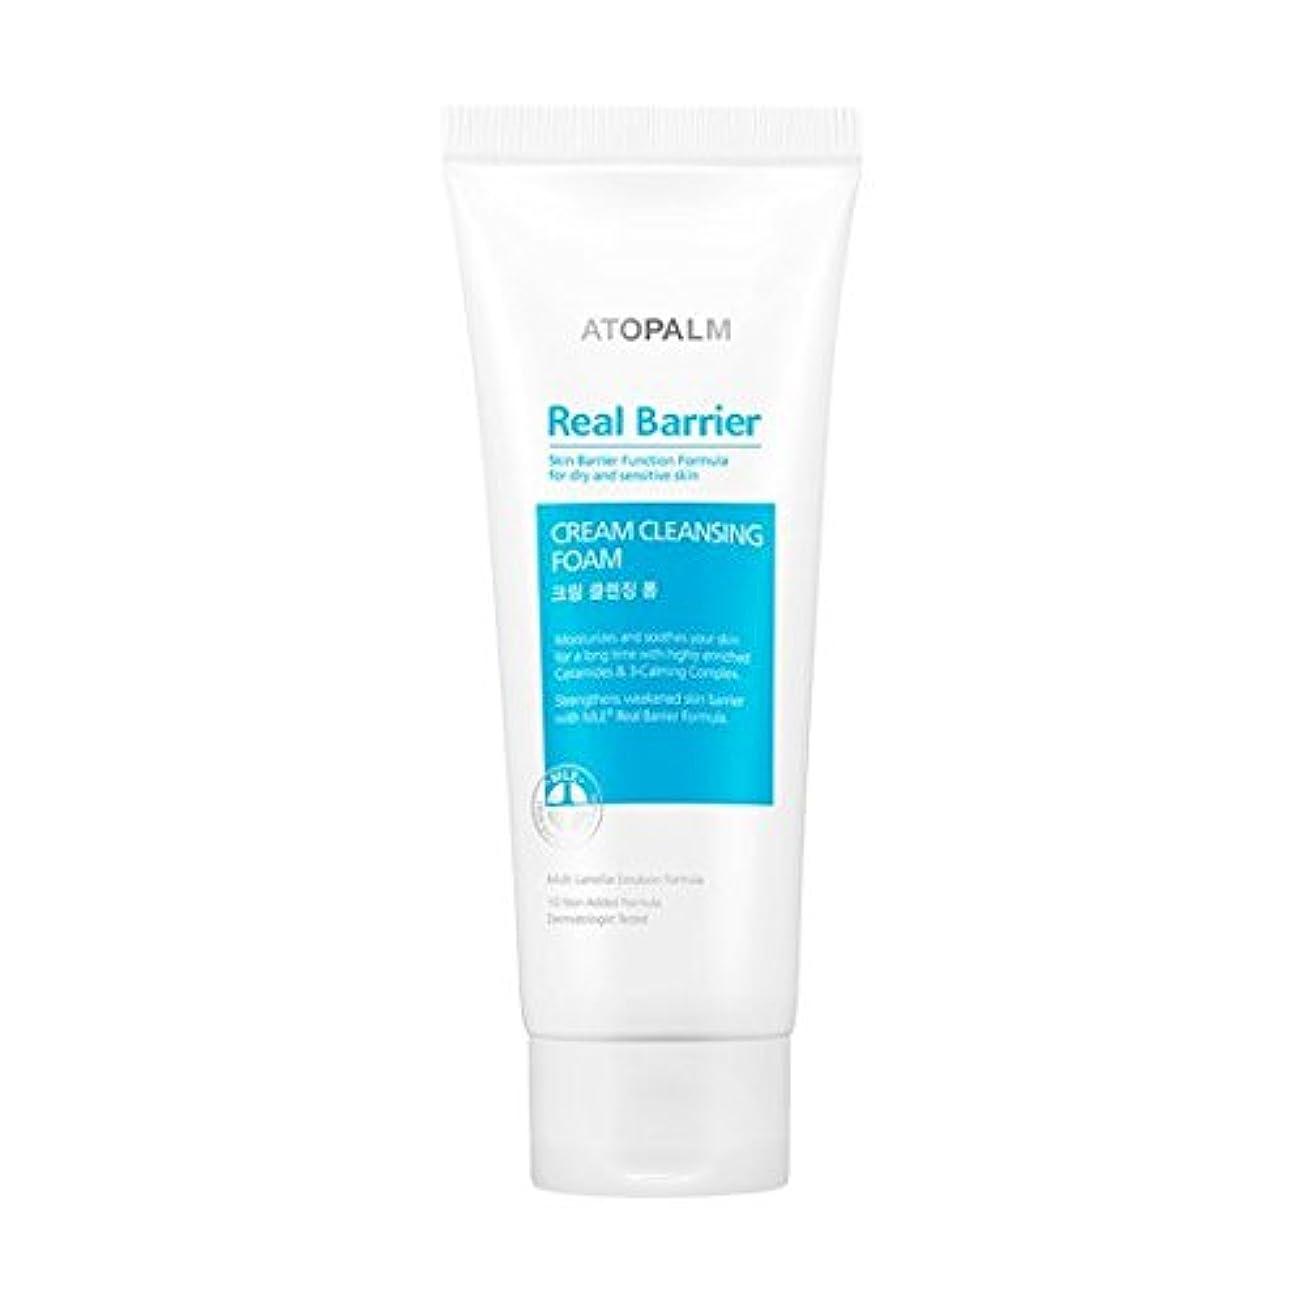 協定ボーダー風が強い[Atopalm (韓国コスメ アトパーム)] Real barrier cream cleansing foam (150g) リアルバリアクリームクレンジング?フォーム[並行輸入品][海外直送品]